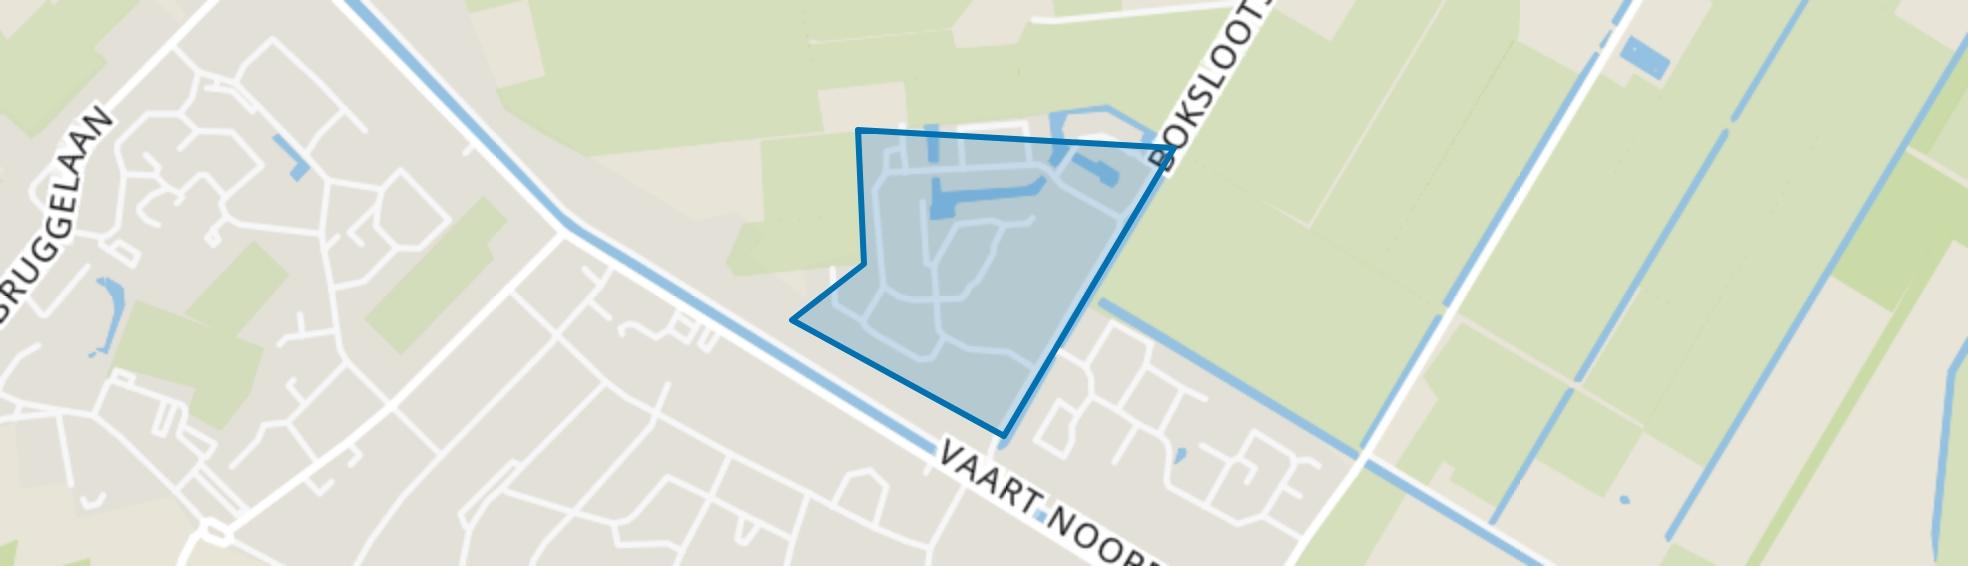 Appelscha-Noord, Appelscha map